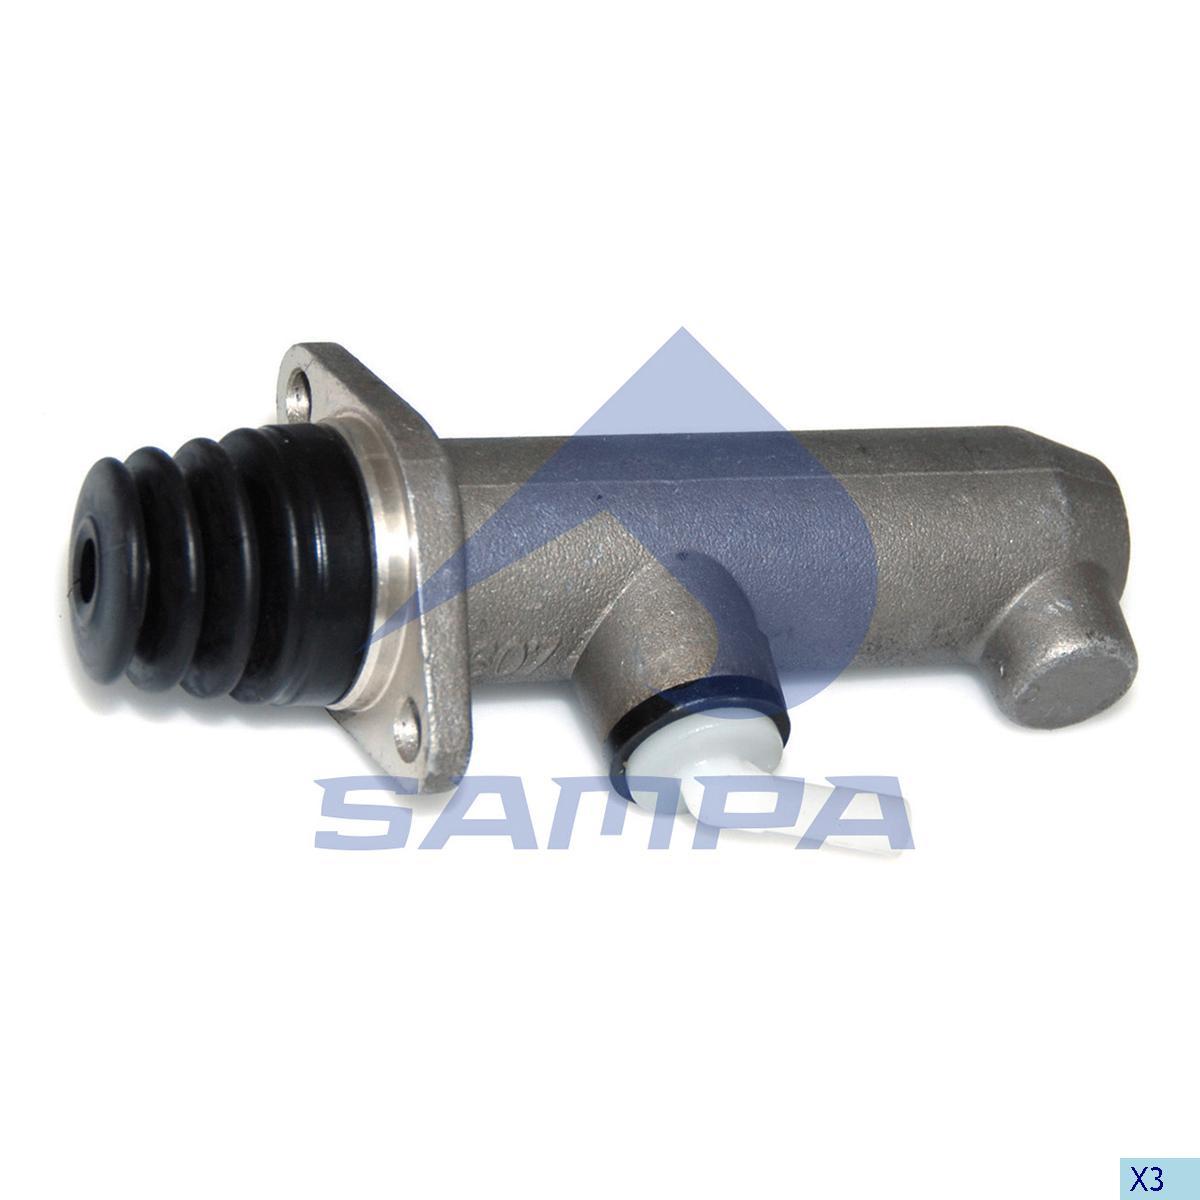 Main Cylinder, R.V.I., Clutch